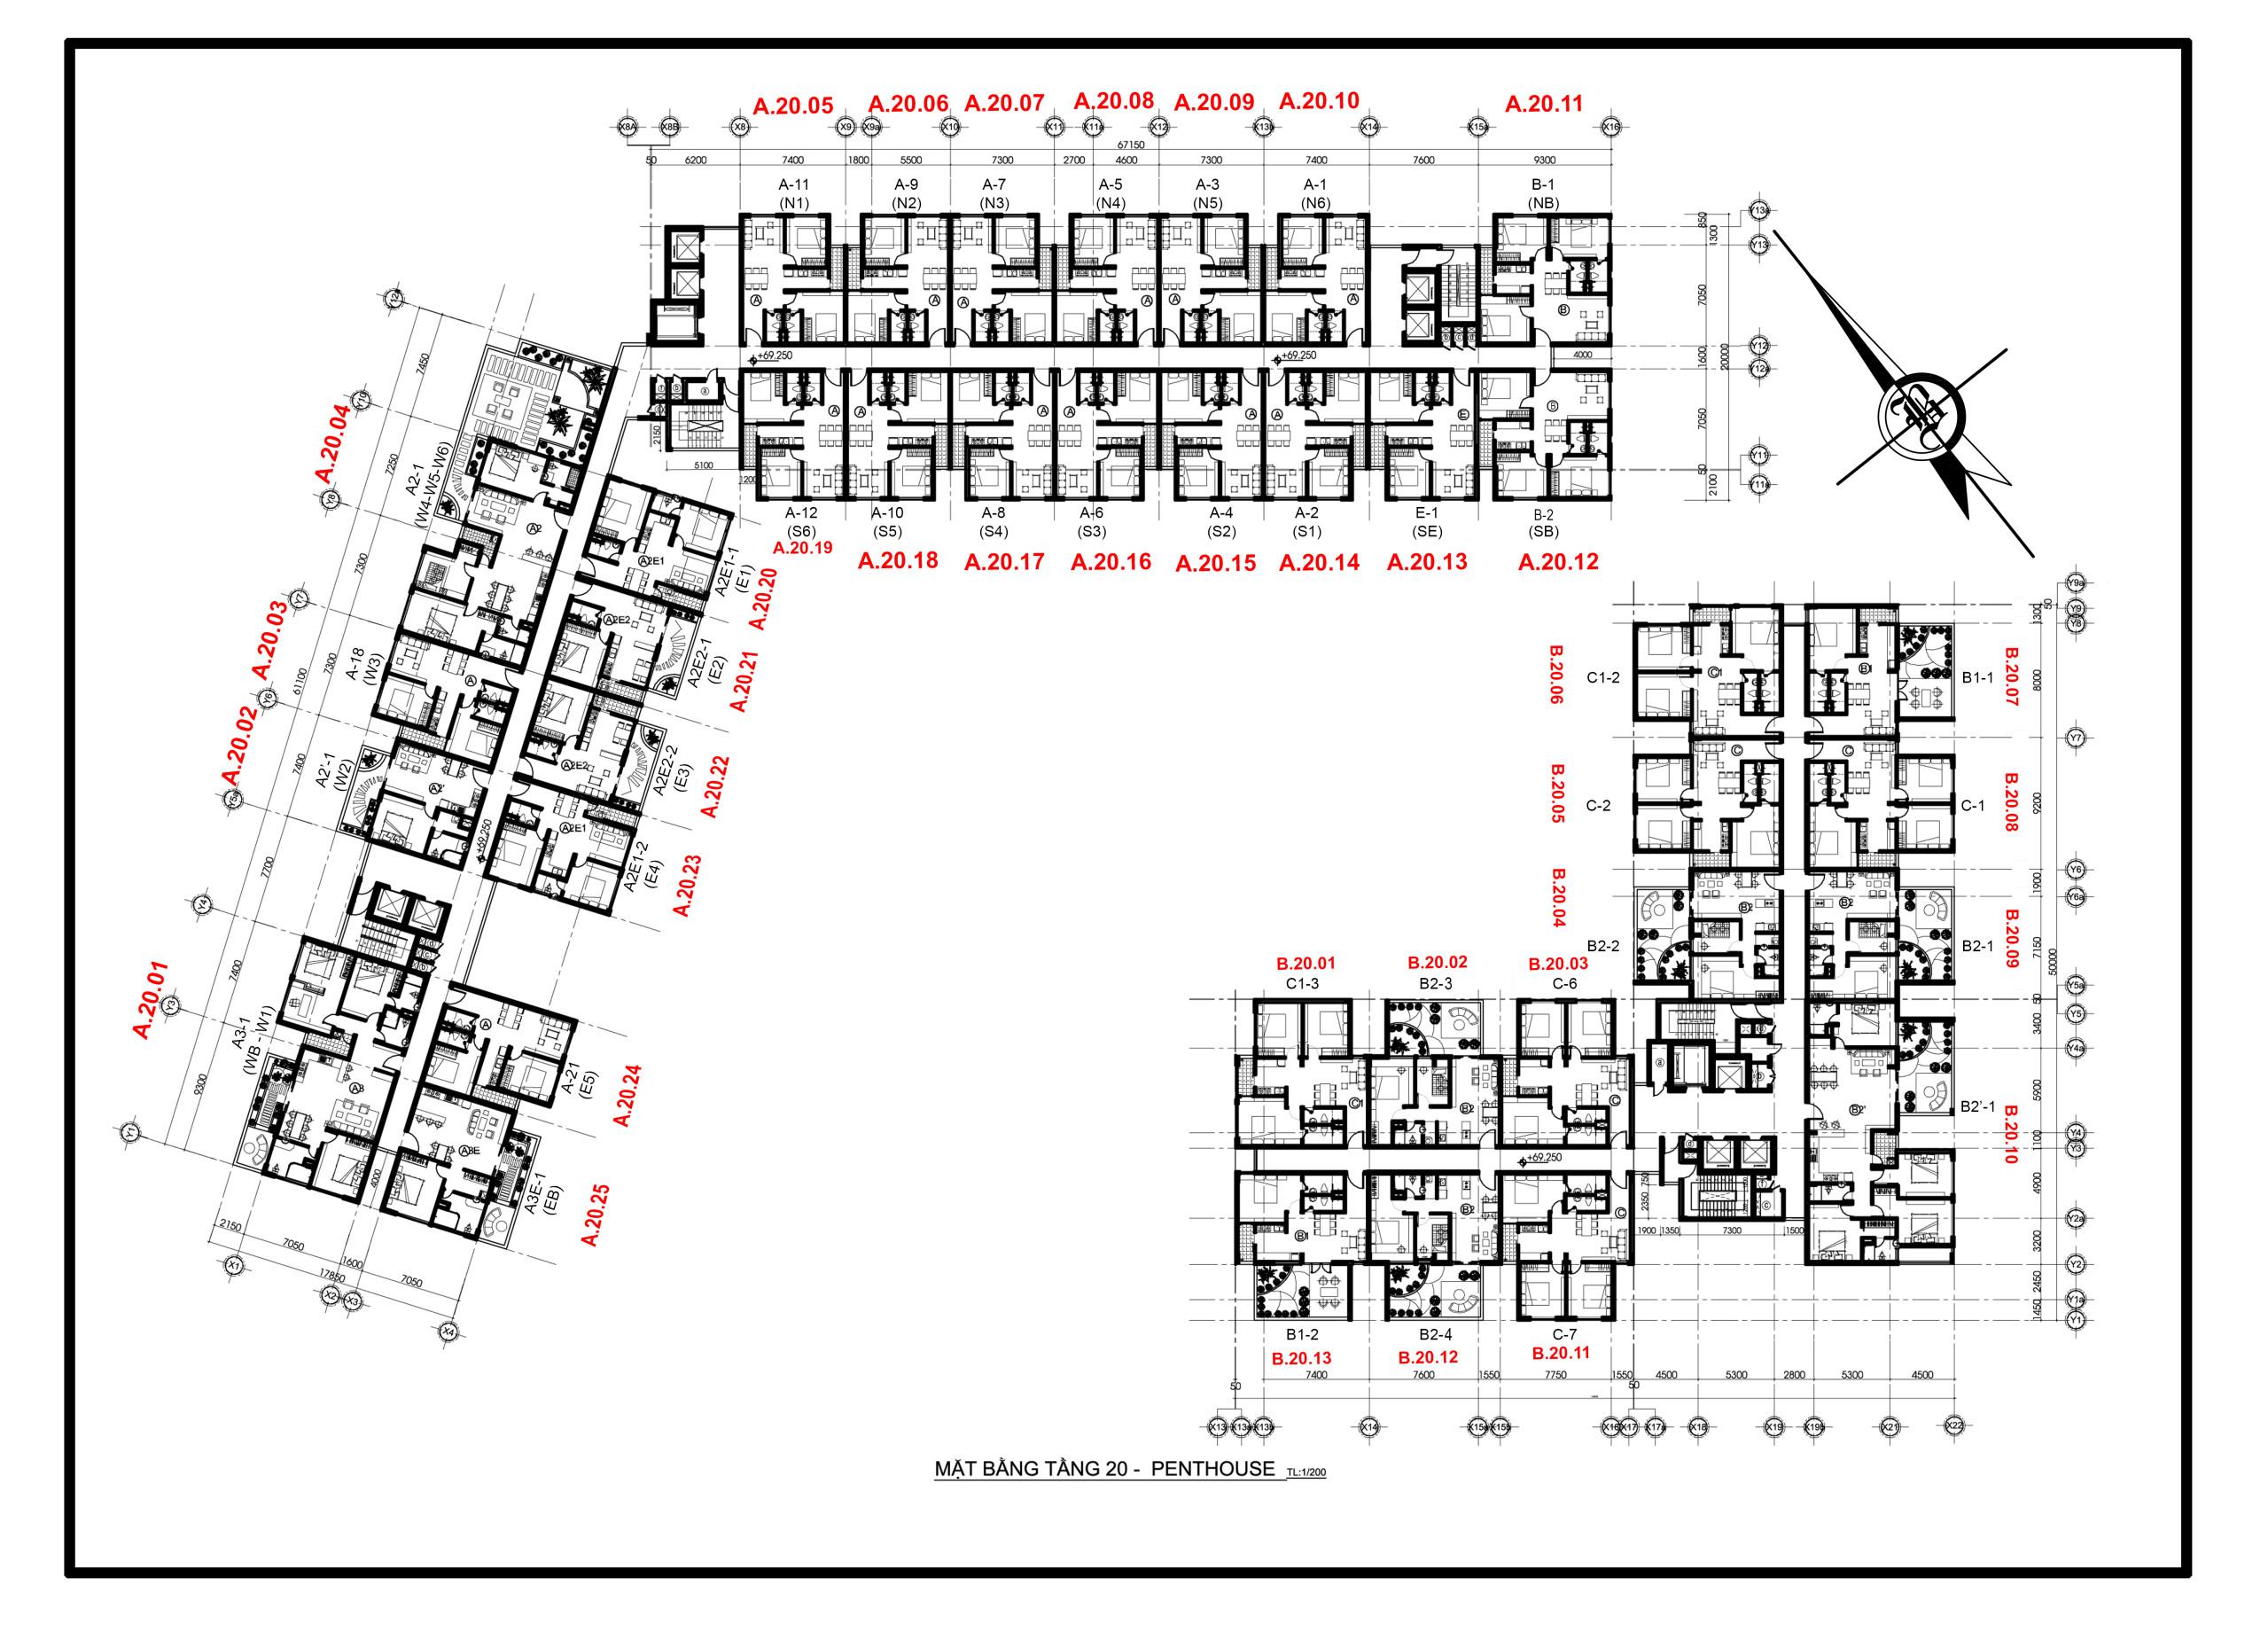 mặt bằng tầng 20 PentHouse CBD Quận 2